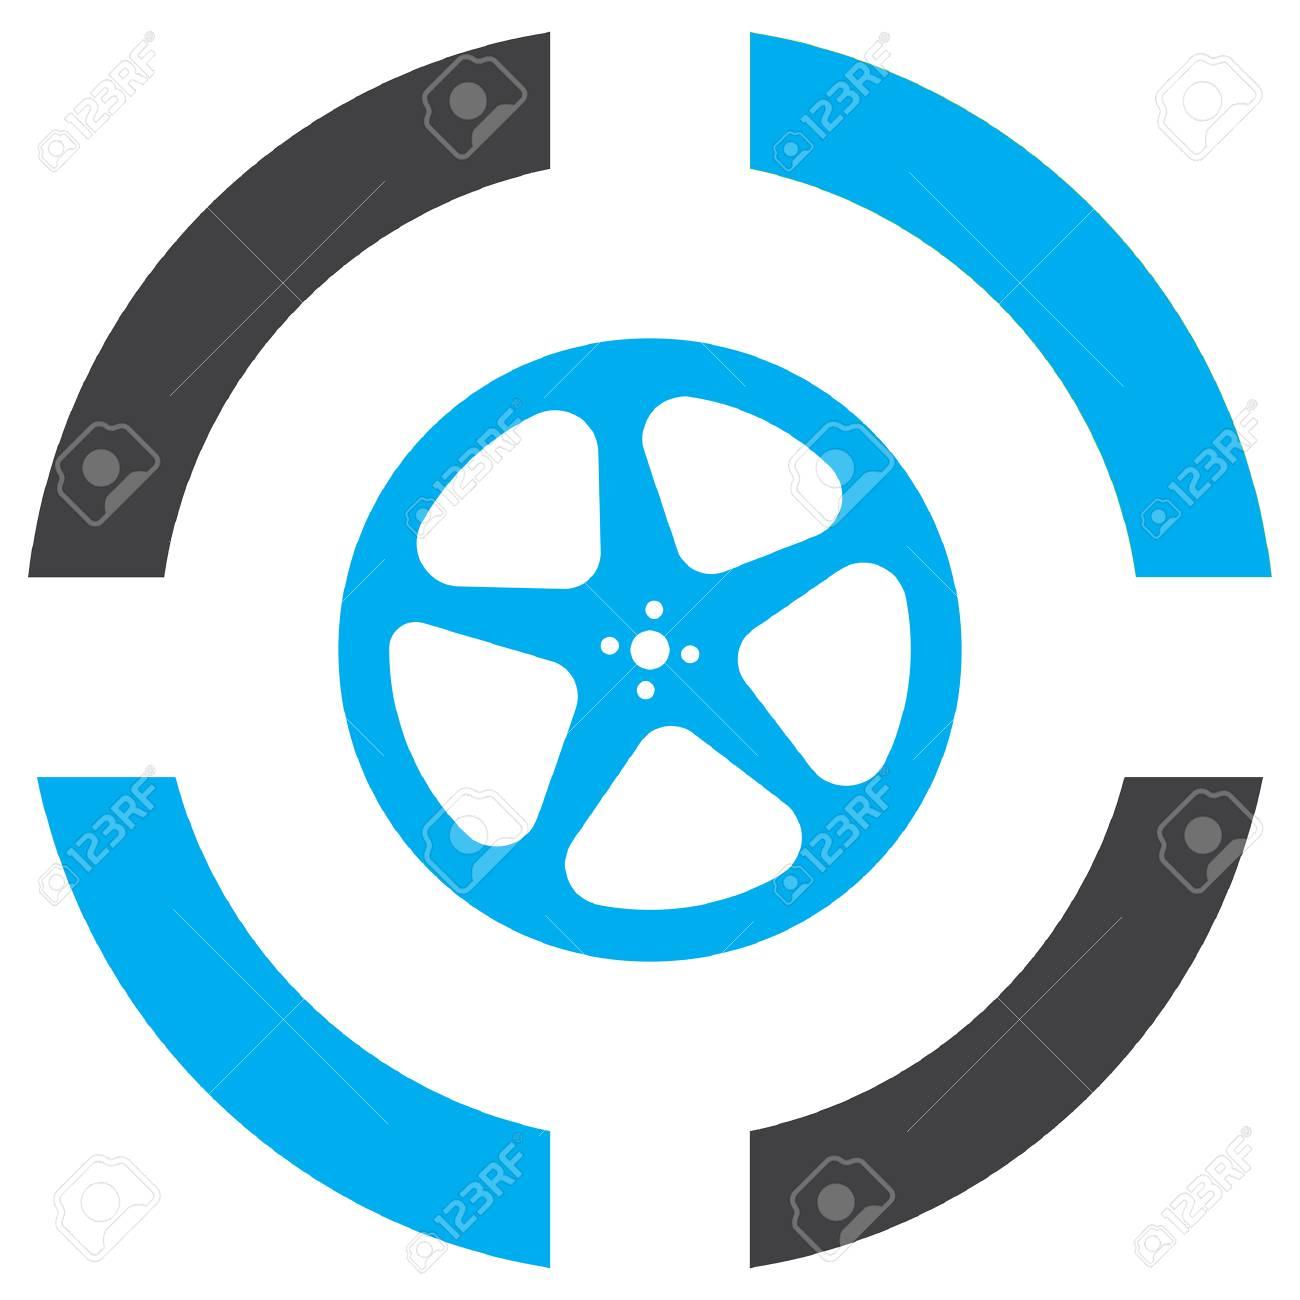 movie video film reel vector icon royalty free cliparts vectors rh 123rf com movie reel vector image